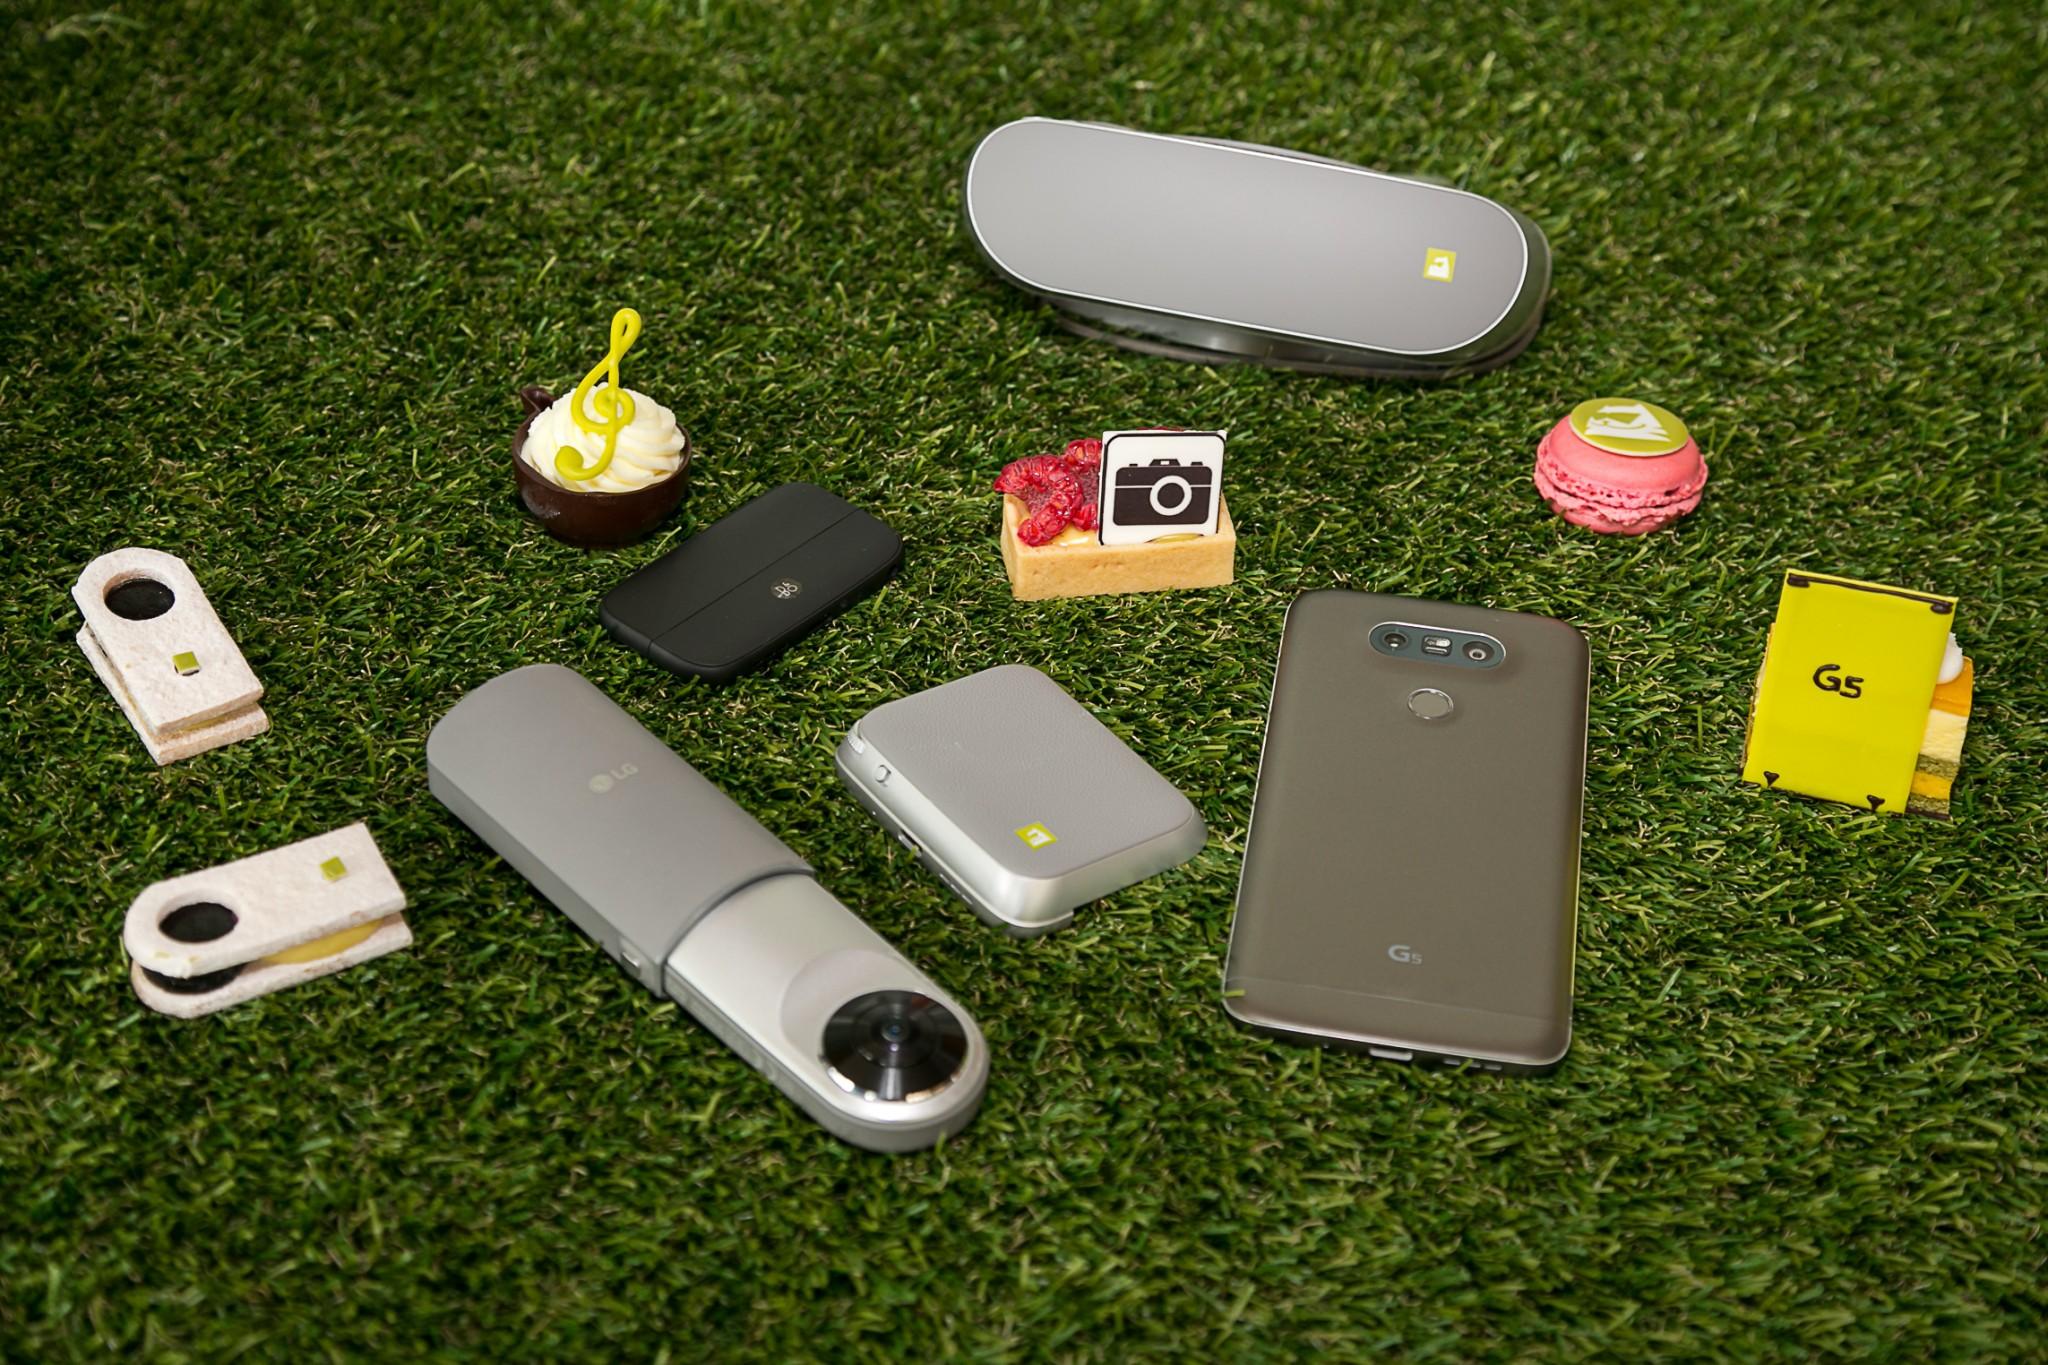 LG G5  x JW 萬豪主題下午茶自助餐食「 電池檸檬撻 」